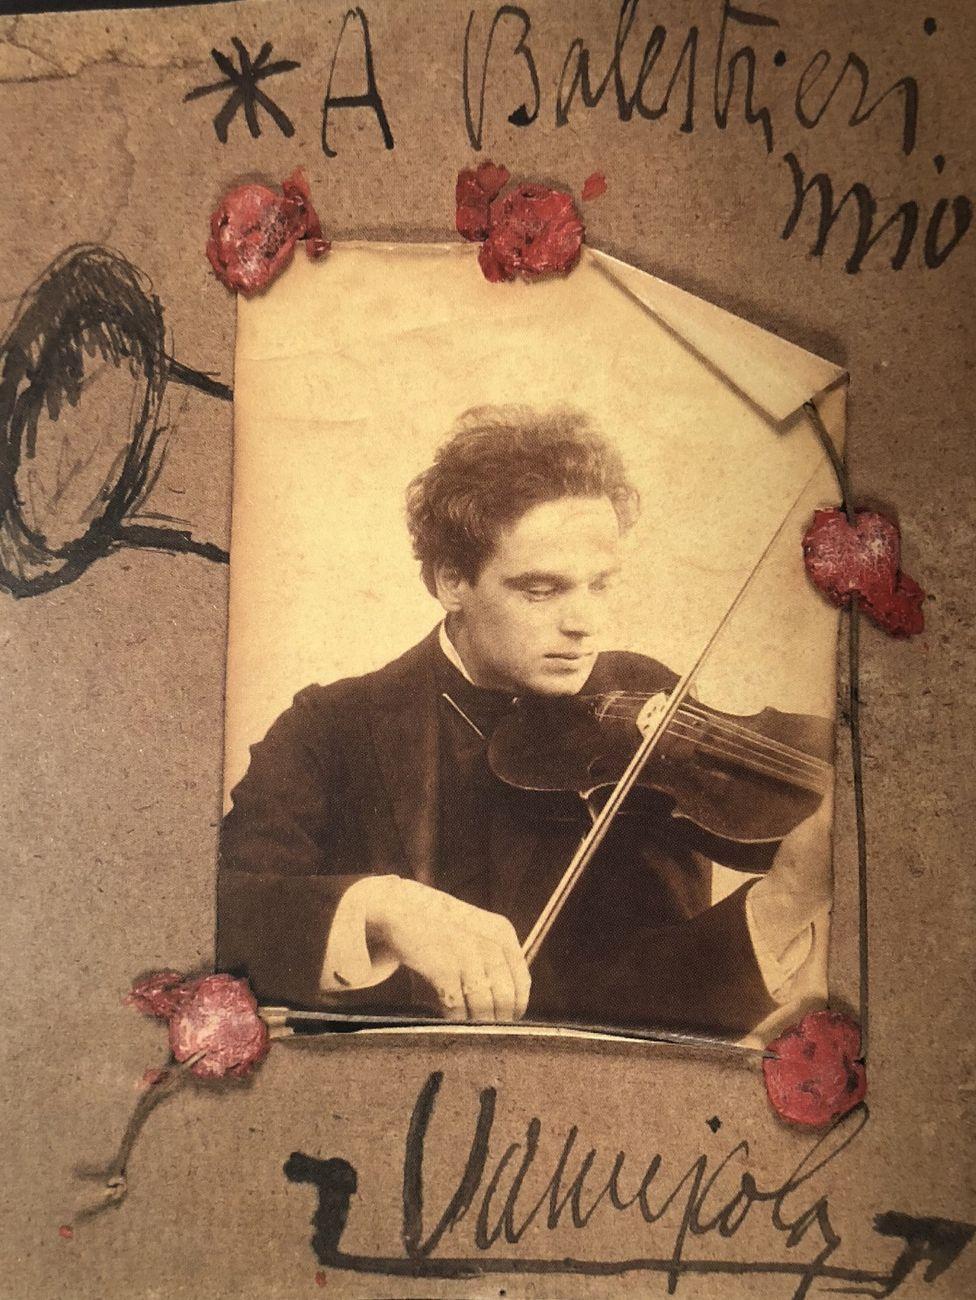 Giuseppe Vannicola. Courtesy Fondazione Balestrieri